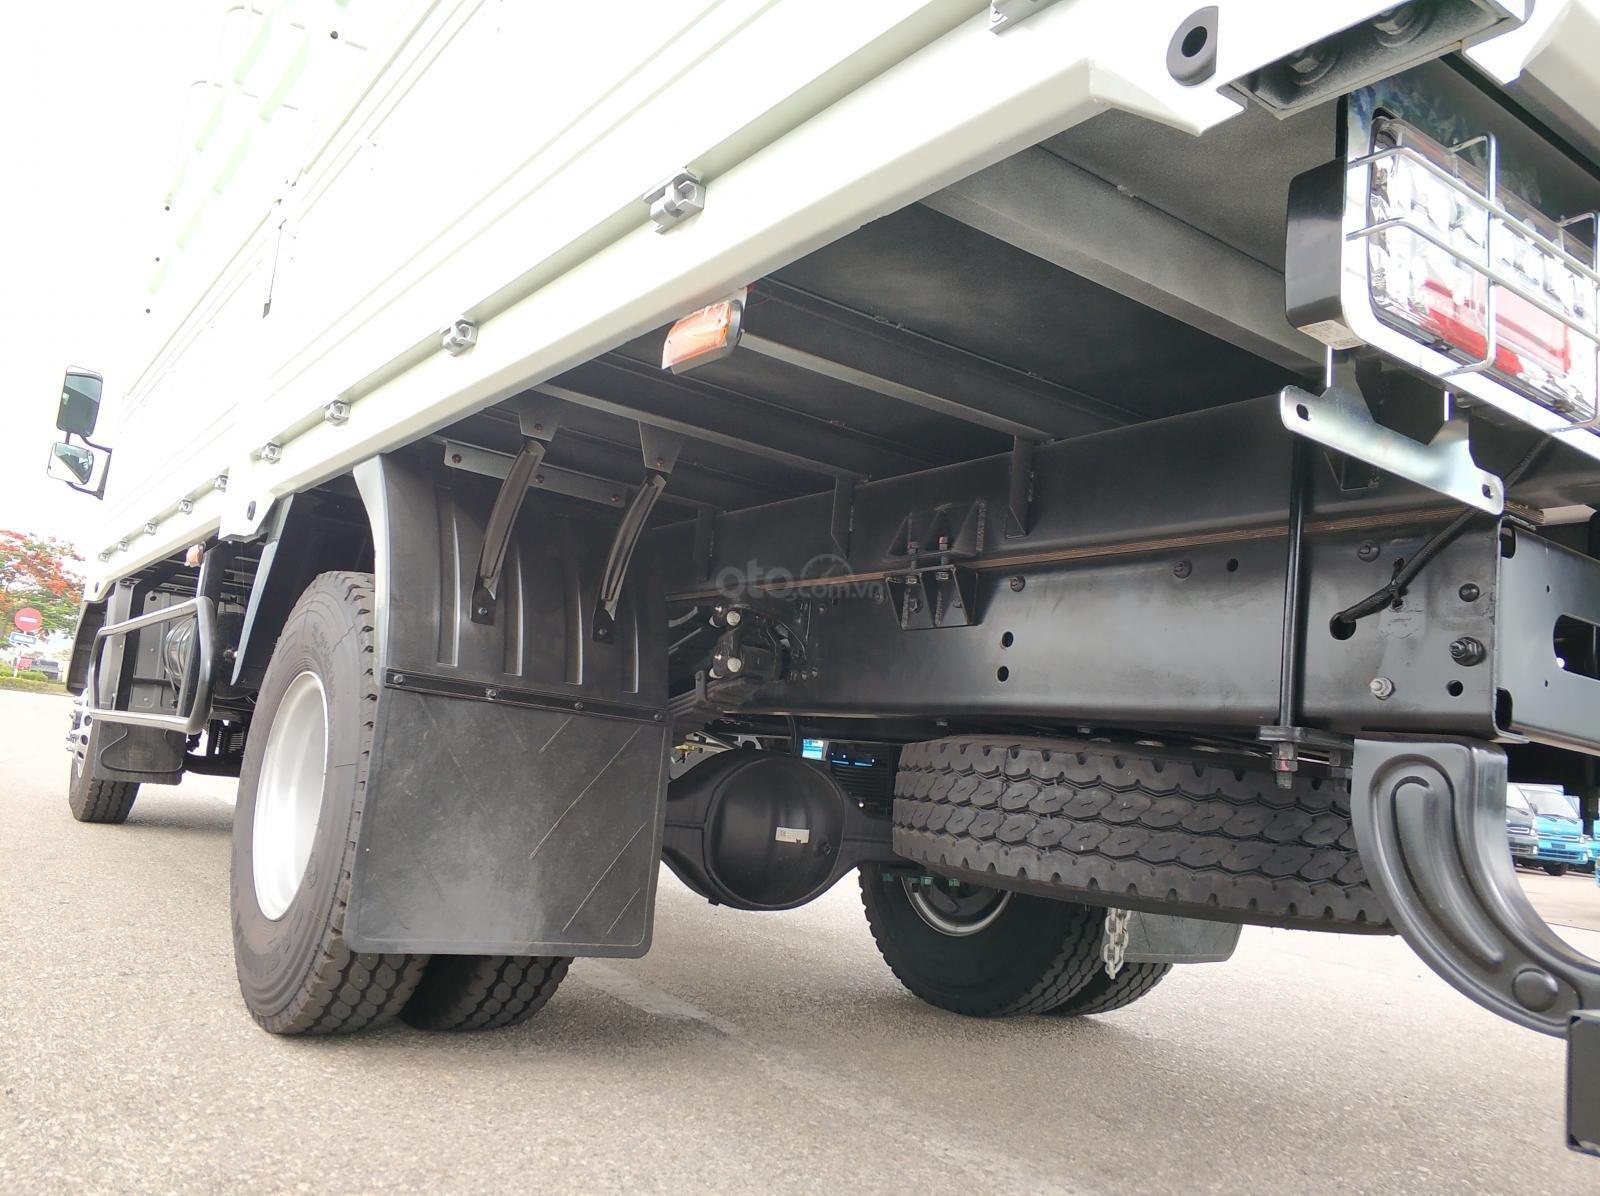 Bán xe tải nhập khẩu Mitsubishi Fuso FA Nhật Bản tải 5.5 tấn, thùng dài 5.28m, đủ các loại thùng (4)